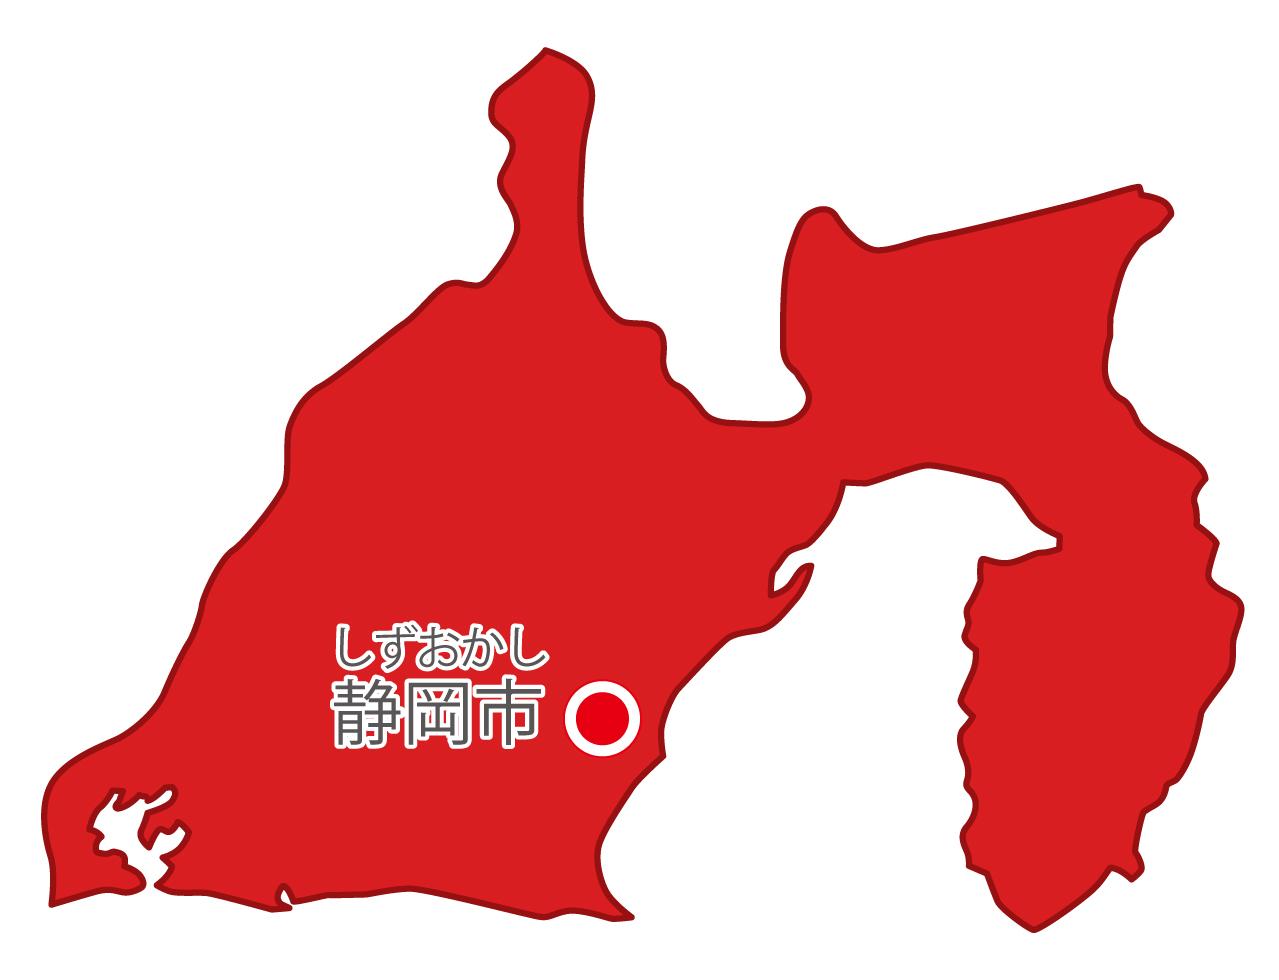 静岡県無料フリーイラスト|日本語・県庁所在地あり・ルビあり(赤)